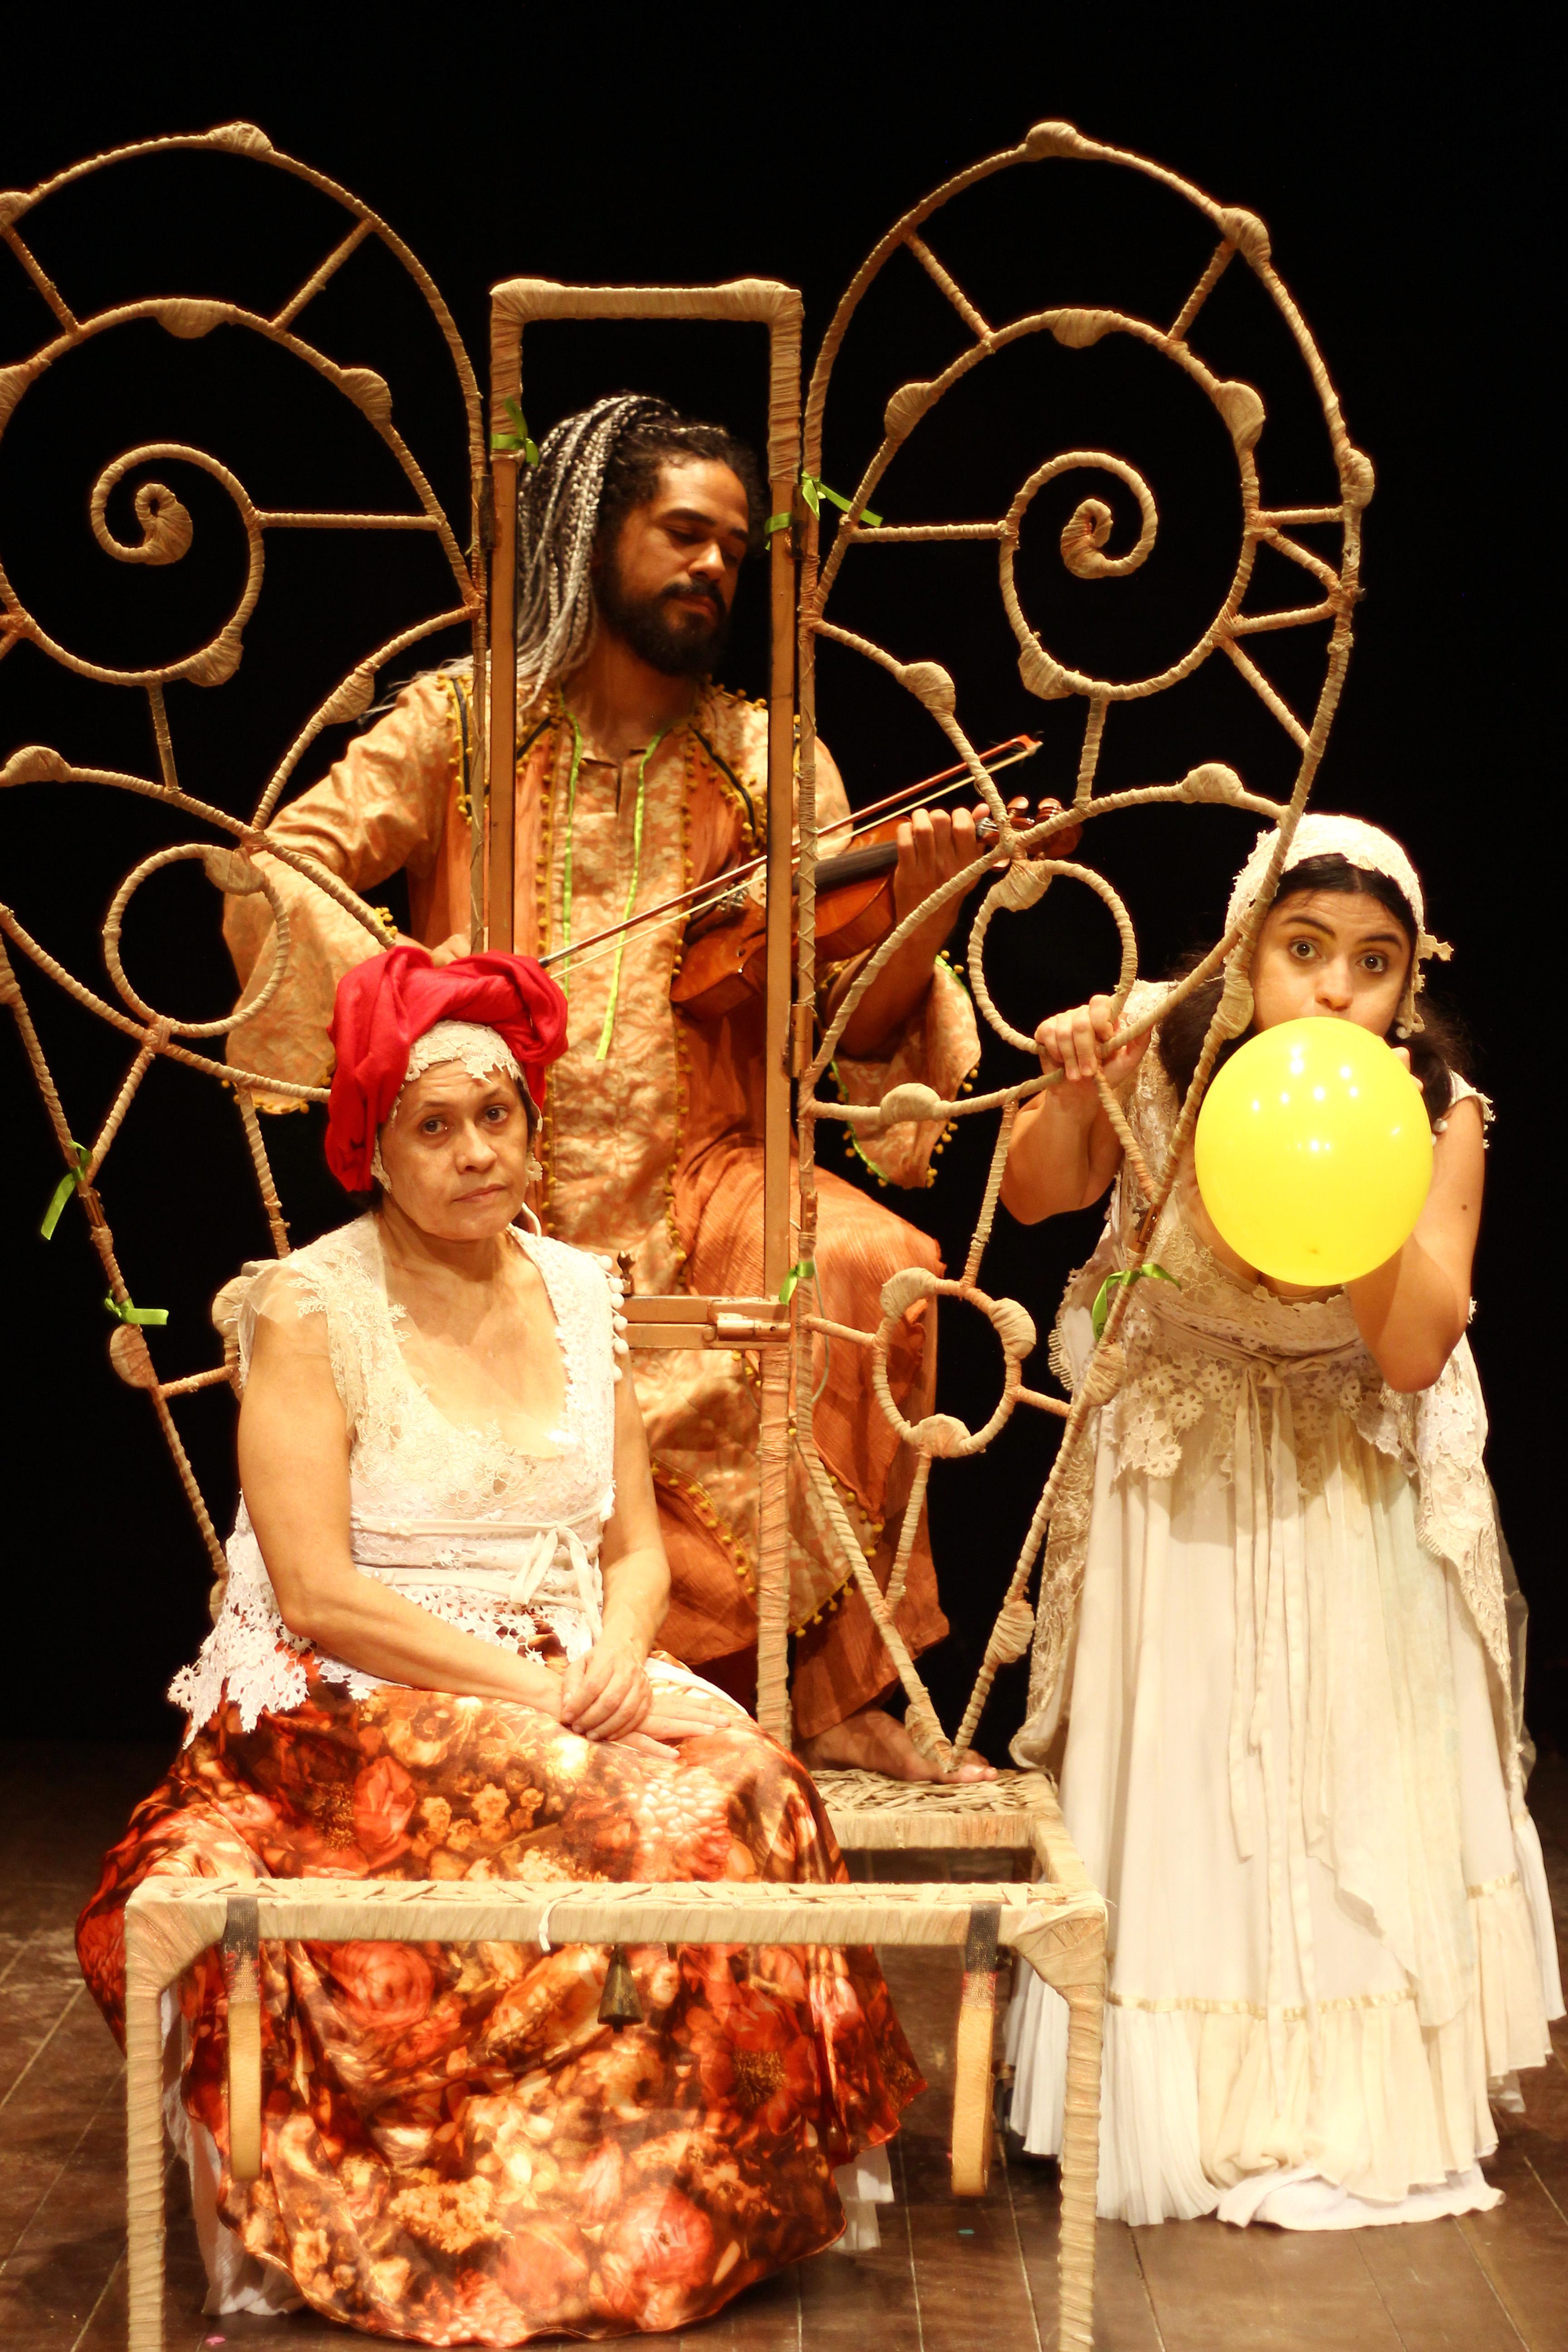 espetaculo-tempo-temporao-traz-ao-palco-os-saberes-ancestrais-feminino-da-cultural-popular-tradicional